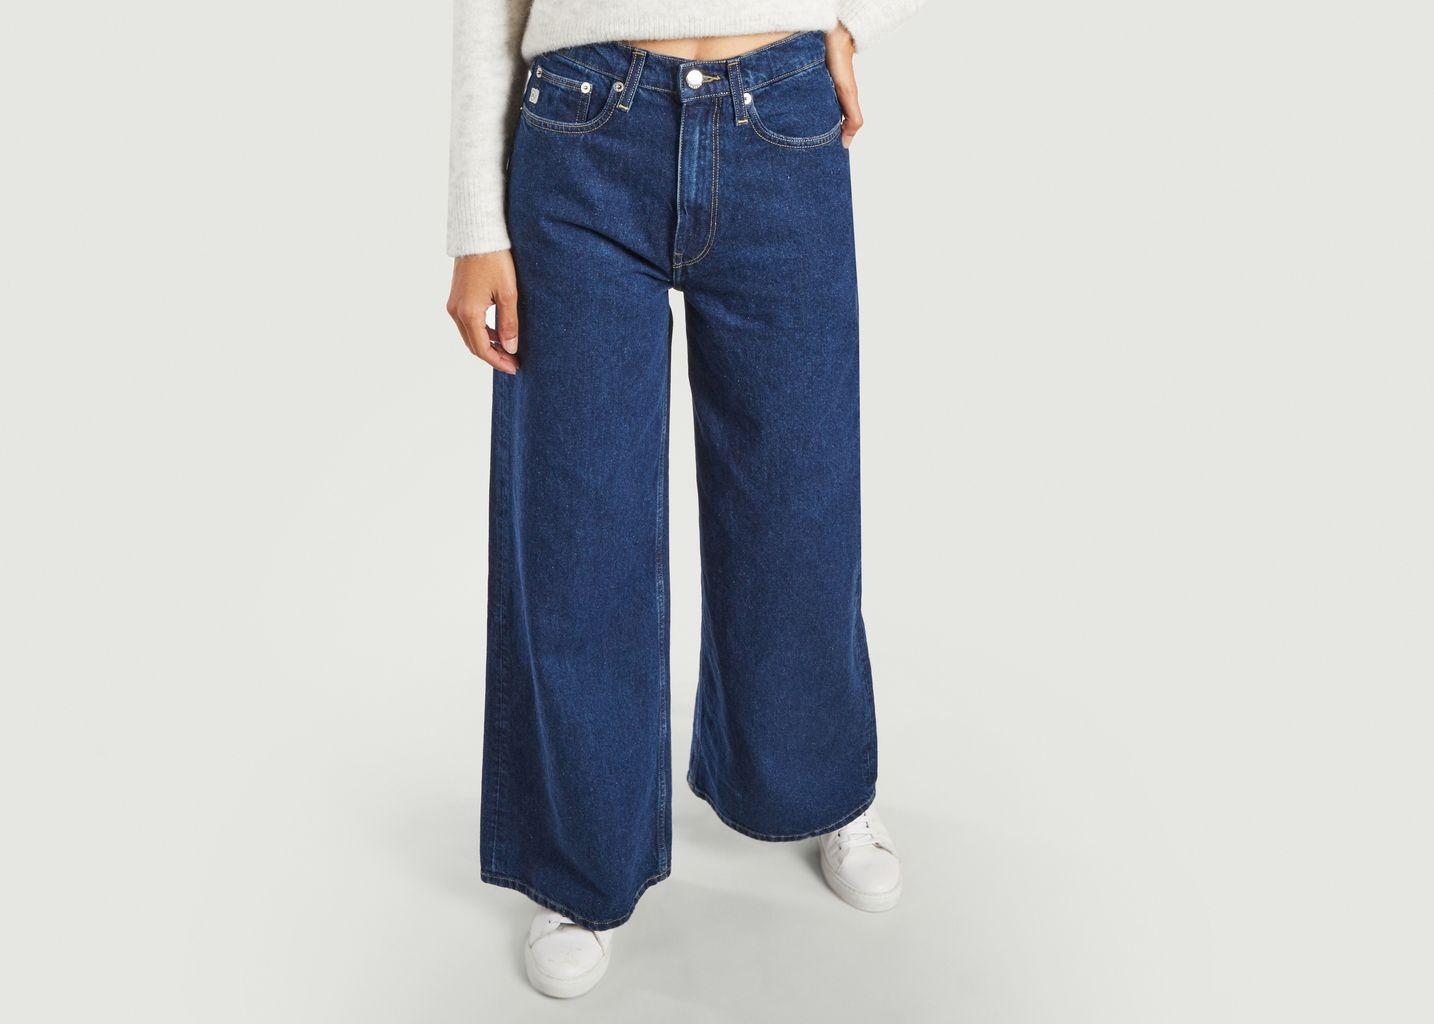 Jeans Wyde Sara - Mud Jeans